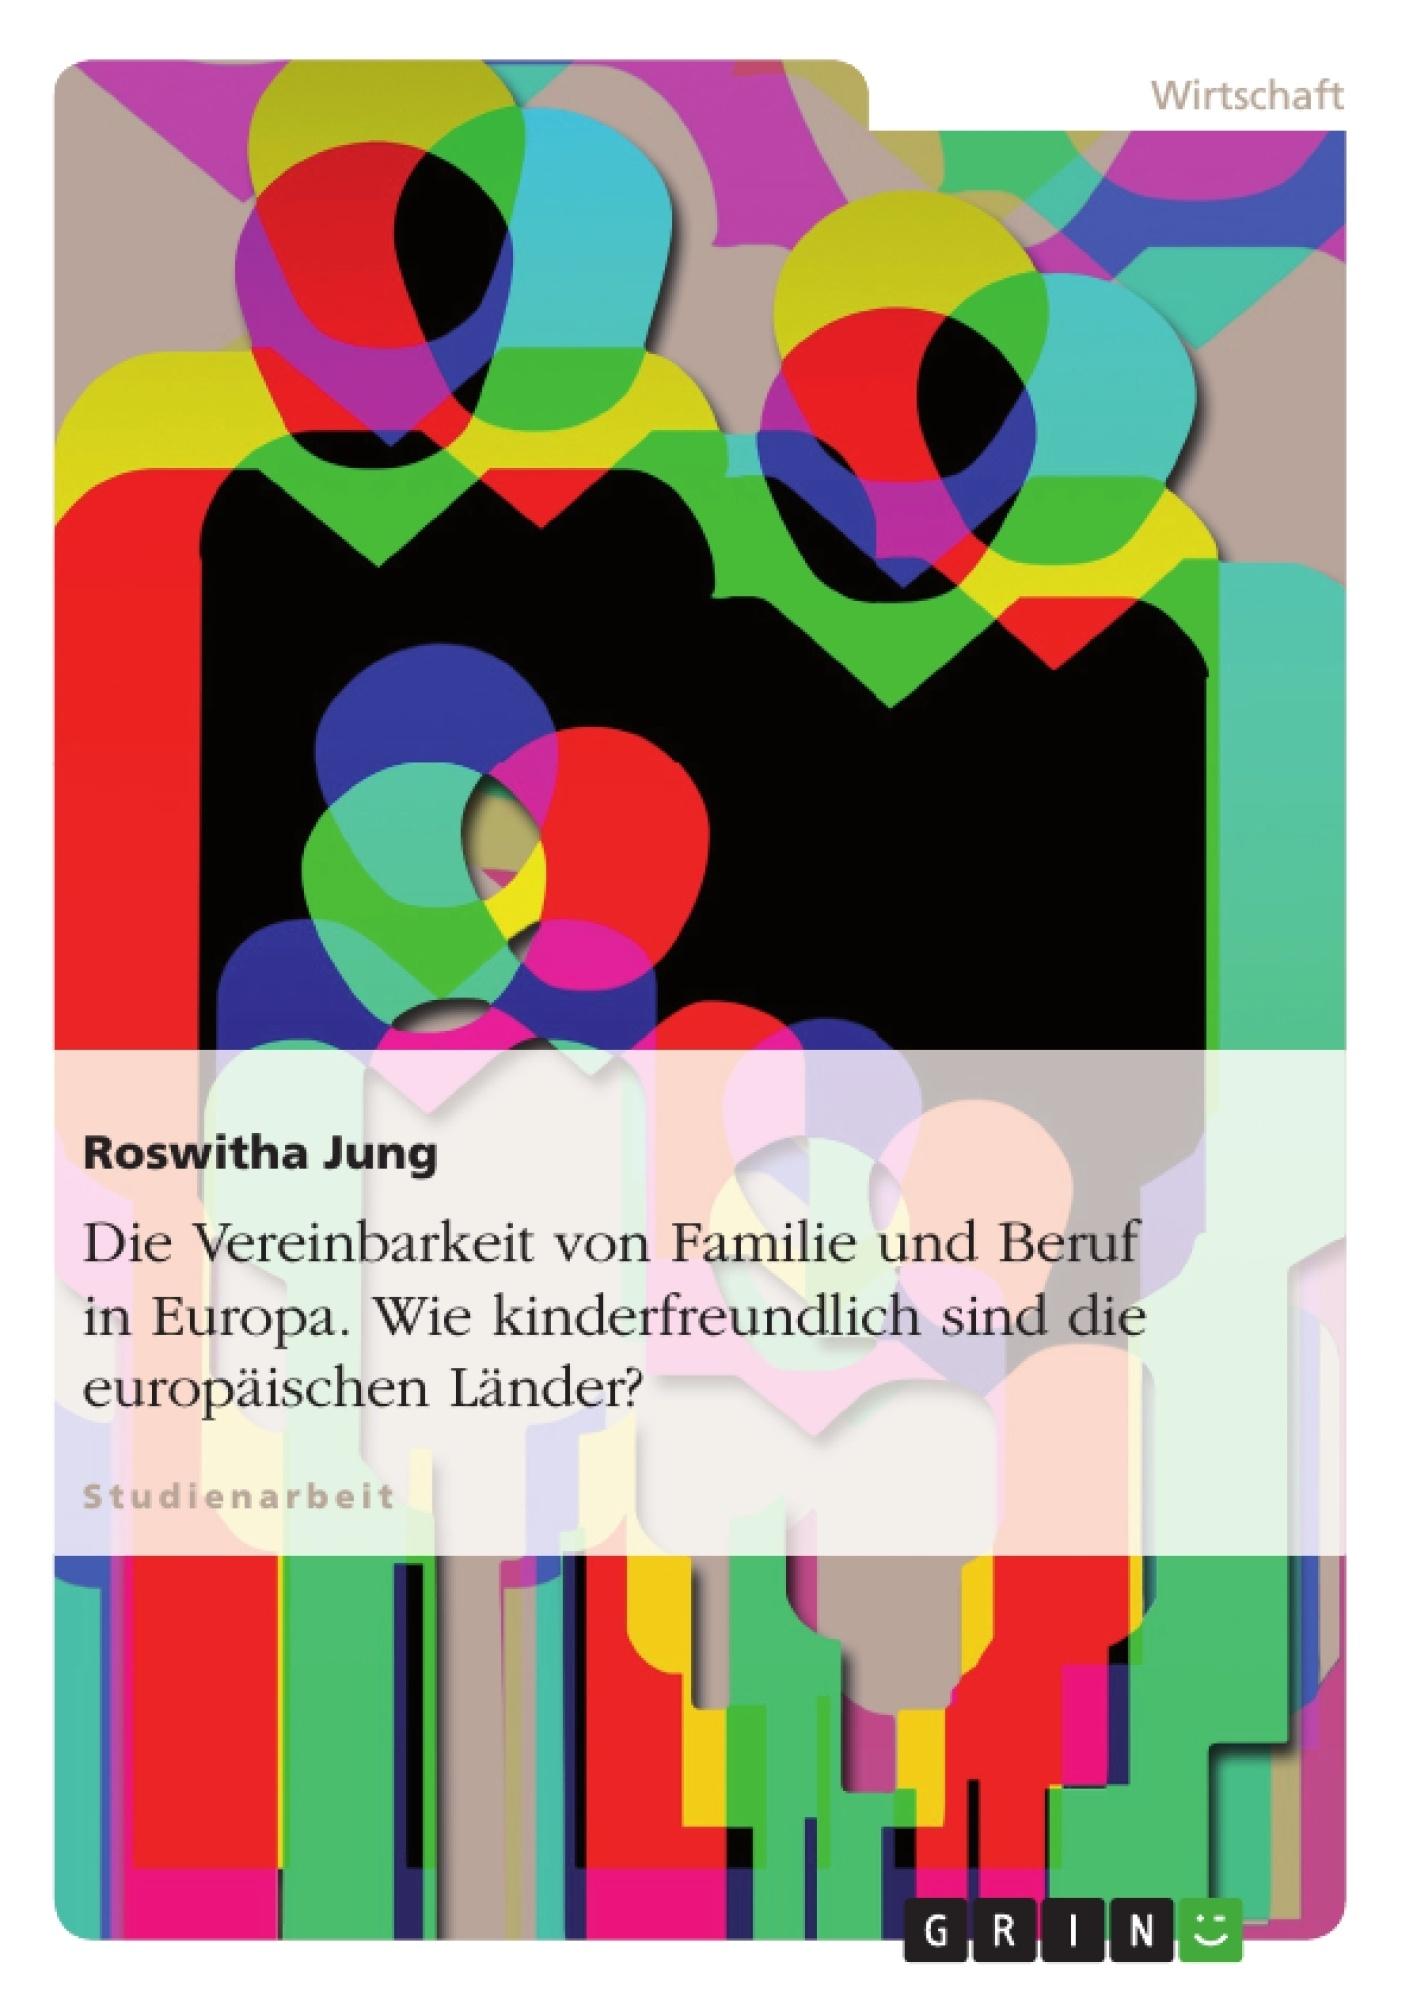 Titel: Die Vereinbarkeit von Familie und Beruf in Europa. Wie kinderfreundlich sind die europäischen Länder?